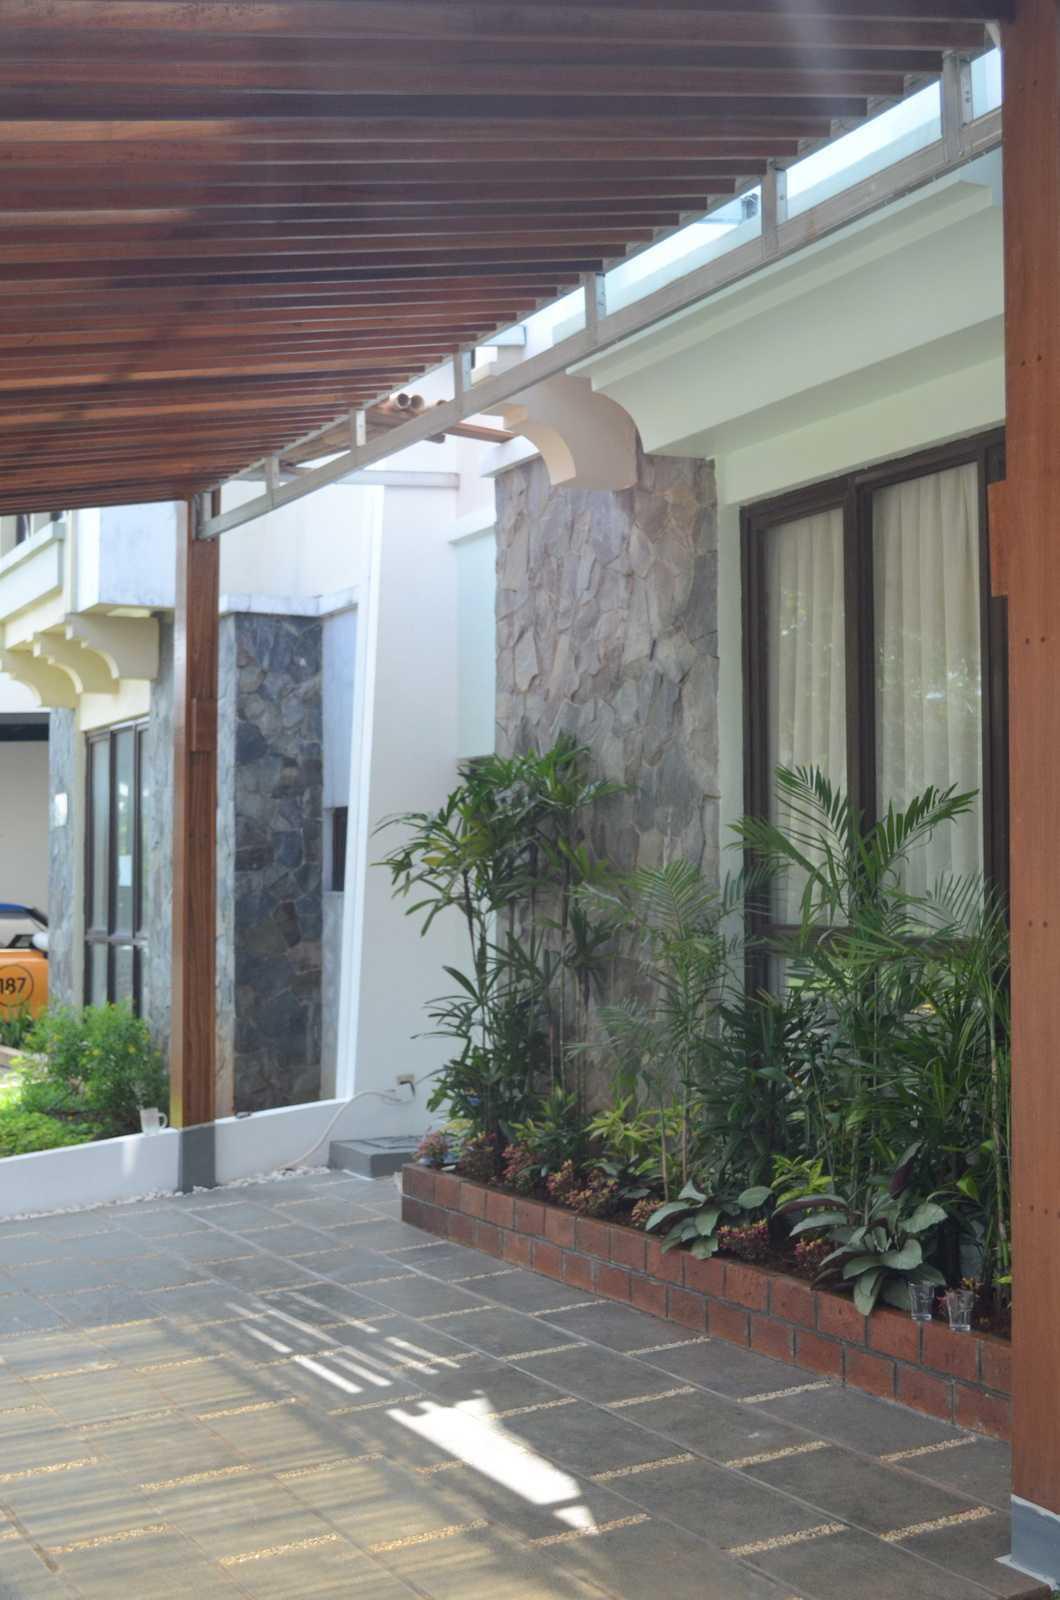 X3M Architects Nittaya A3 12 House Bsd, Tangerang Bsd, Tangerang Dsc0558 Tropis  28208